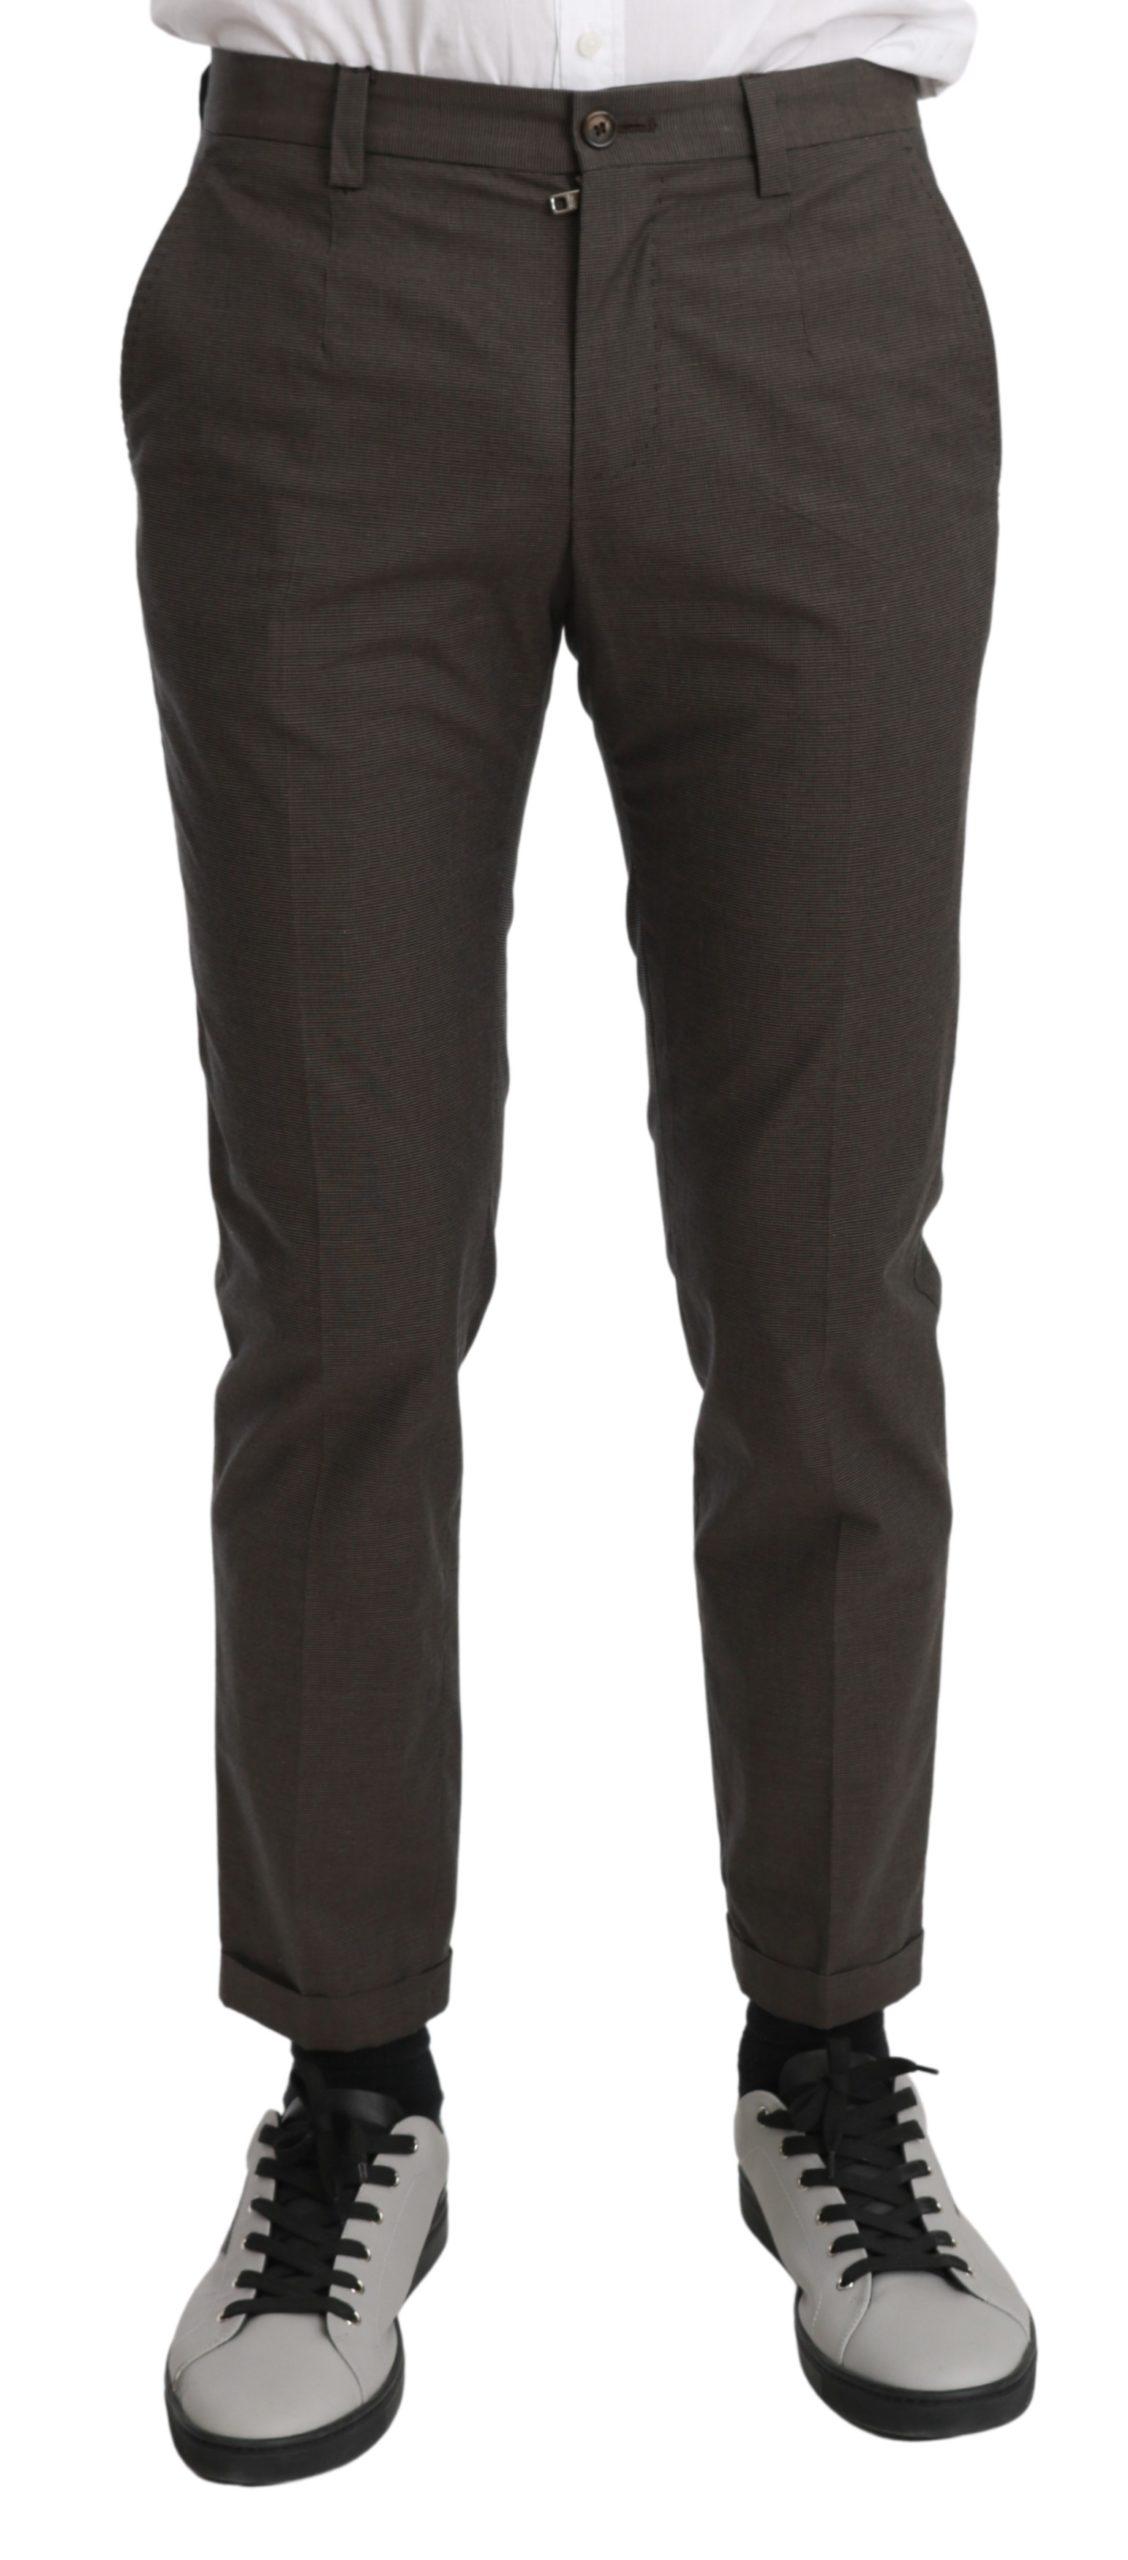 Dolce & Gabbana Men's Casual Cotton Trouser Brown PAN70965 - IT44 | XS